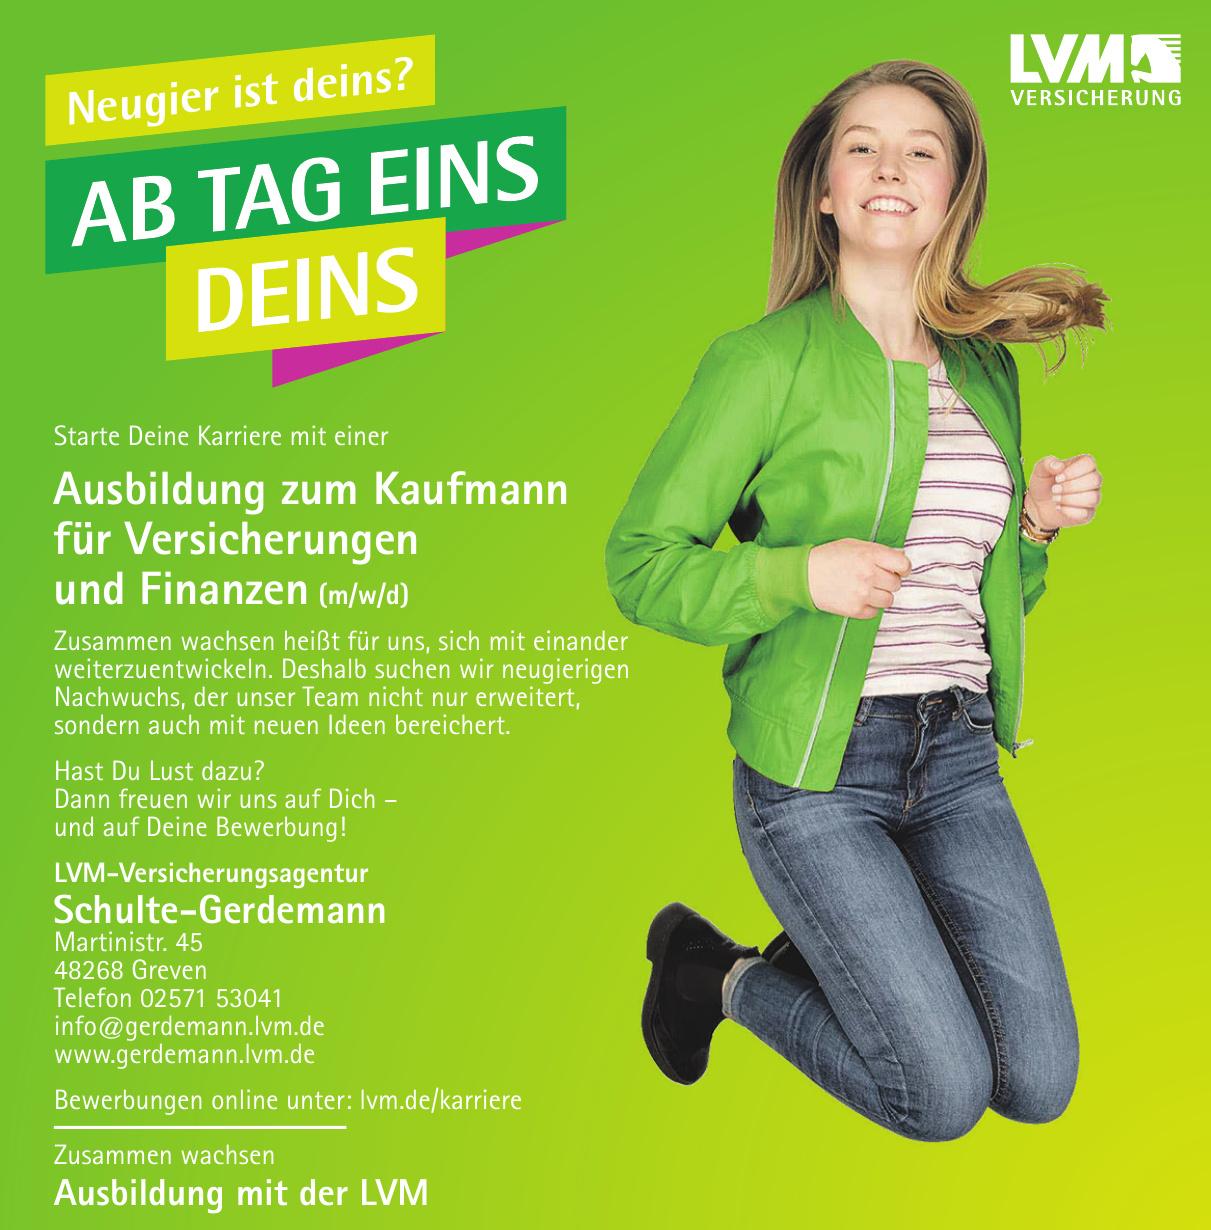 LVM-Versicherungsagentur Schulte-Gerdemann